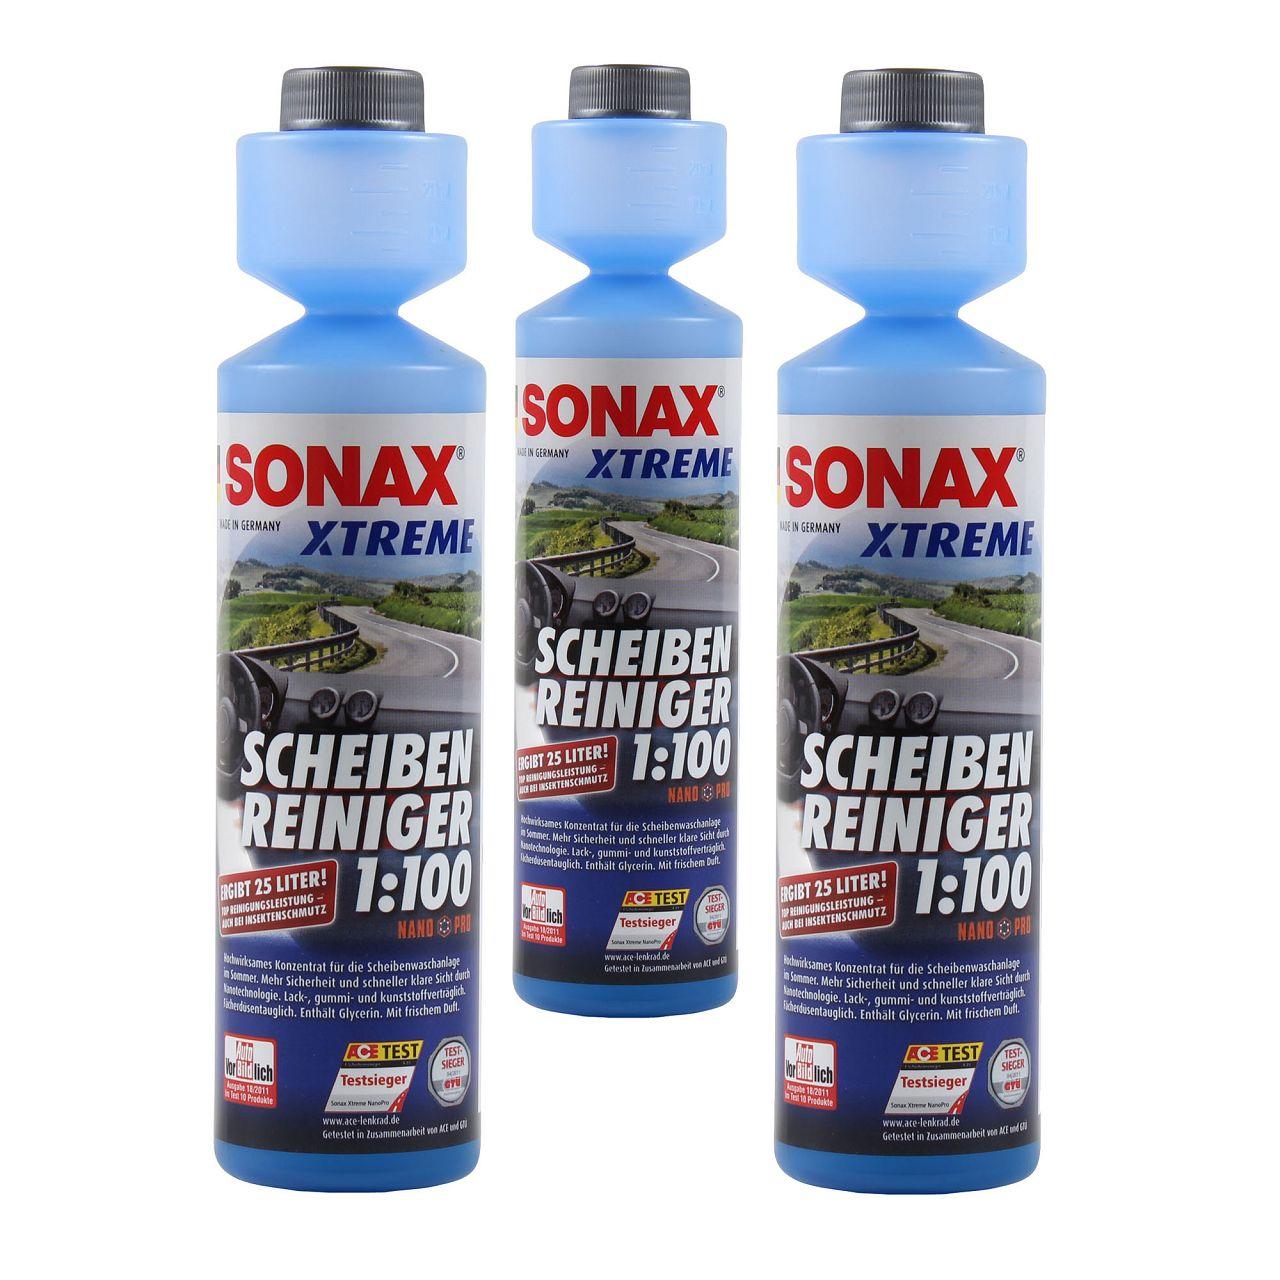 3x 250ml SONAX XTREME Scheiben Reiniger 1:100 NanoPro Scheiben Klar 271141